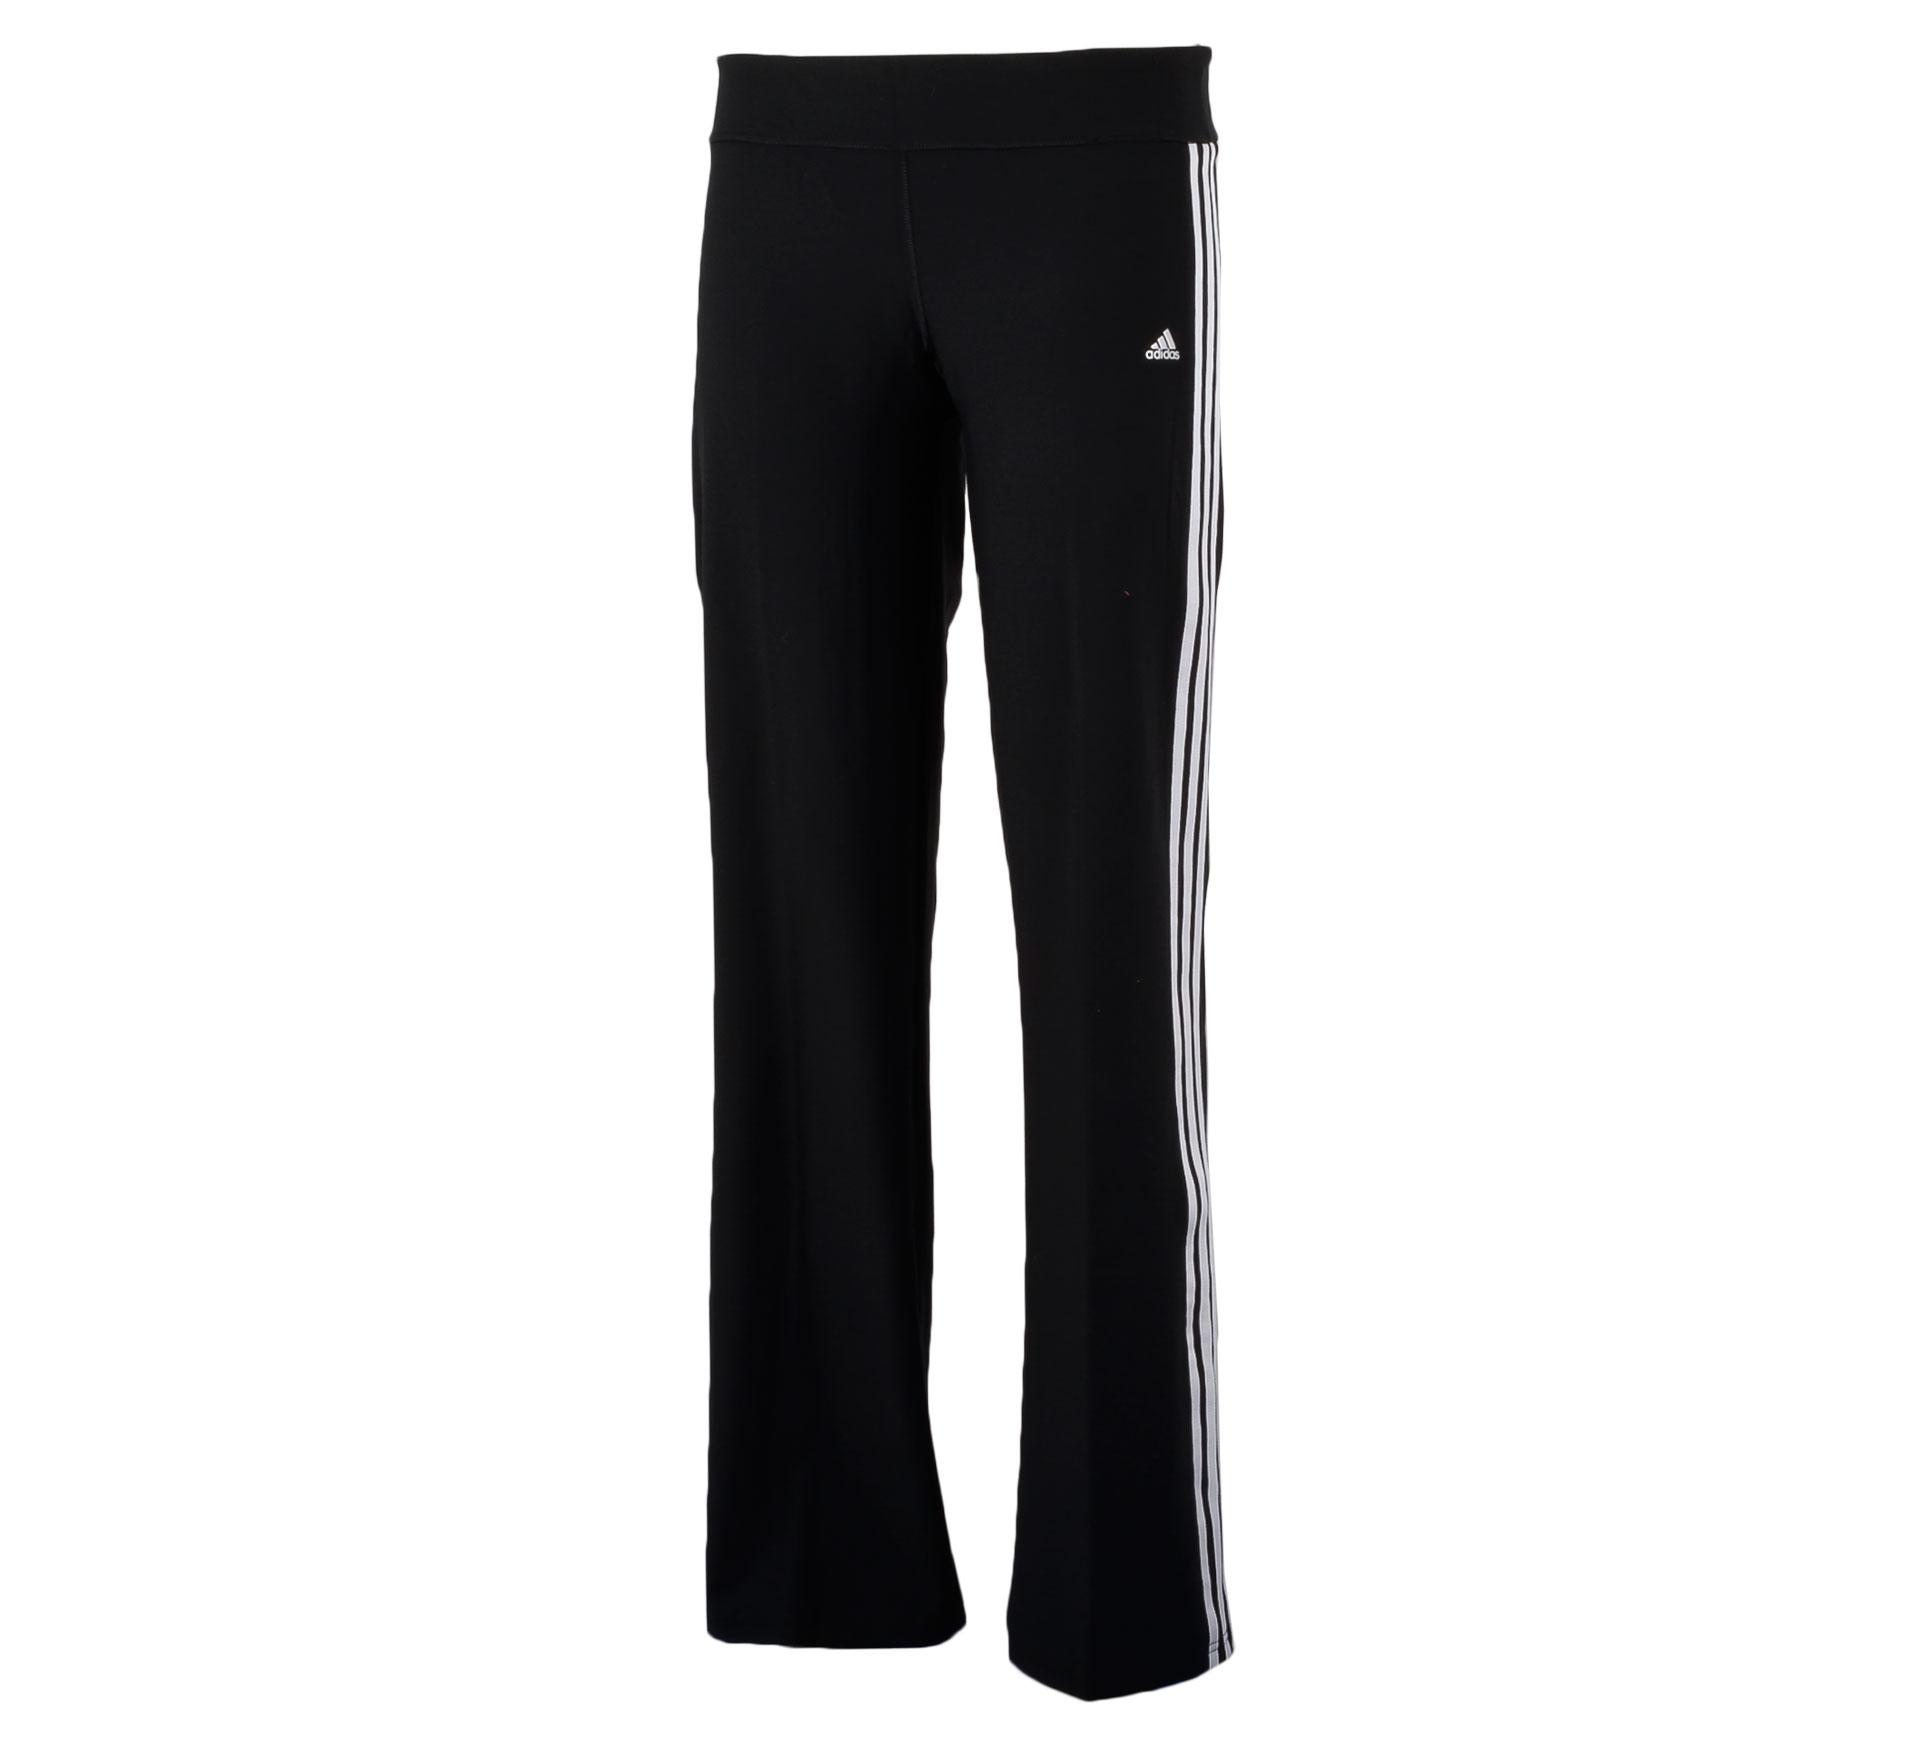 Adidas Ultimate Fit 3Stripe Slim Broek Dames zwart - wit